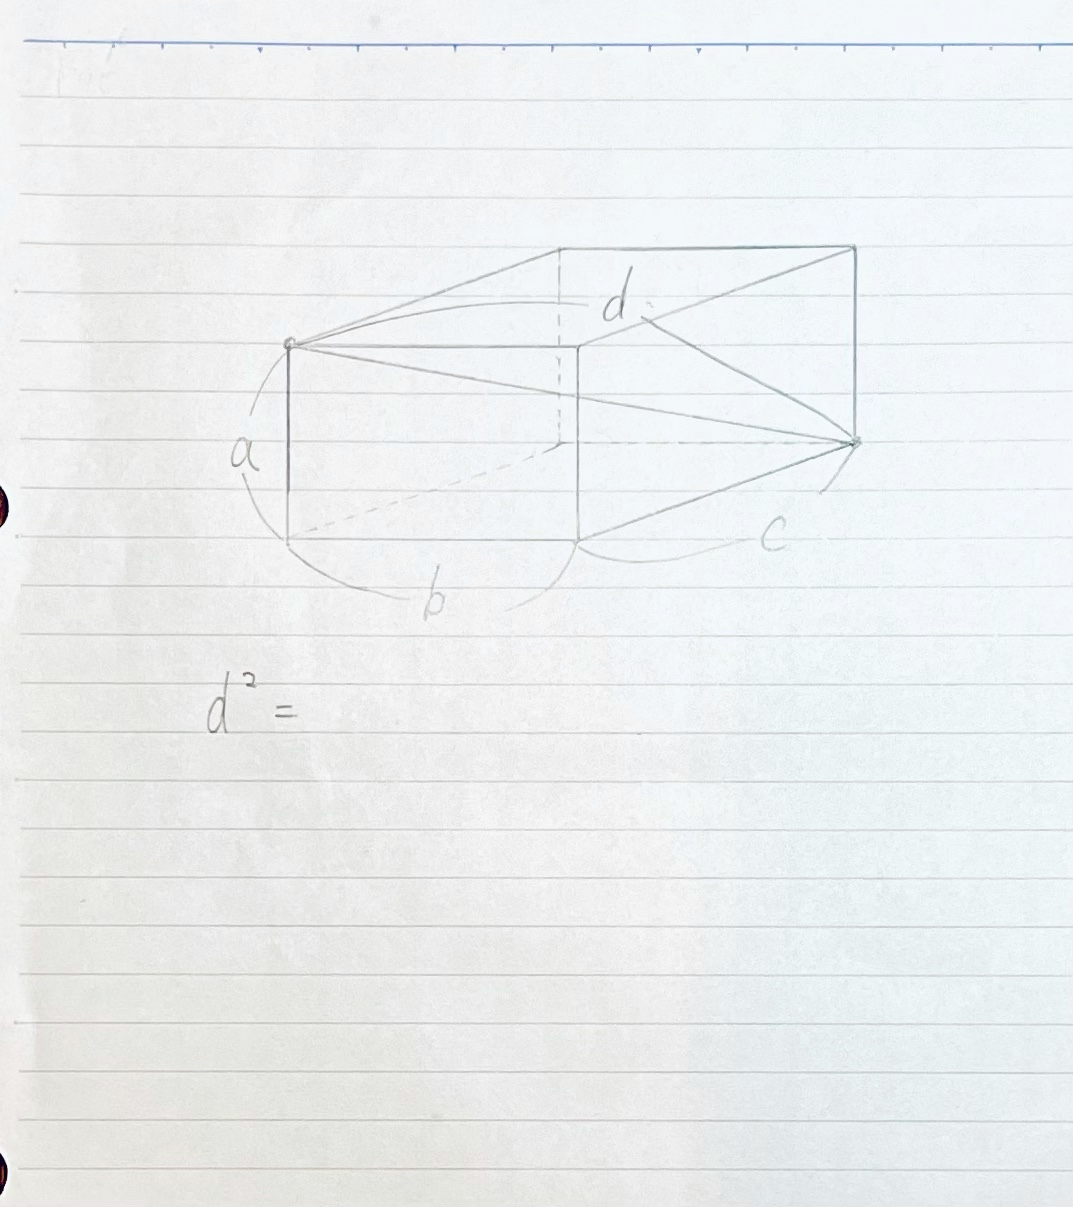 数学の美しさが味わえる問題 解答と解説